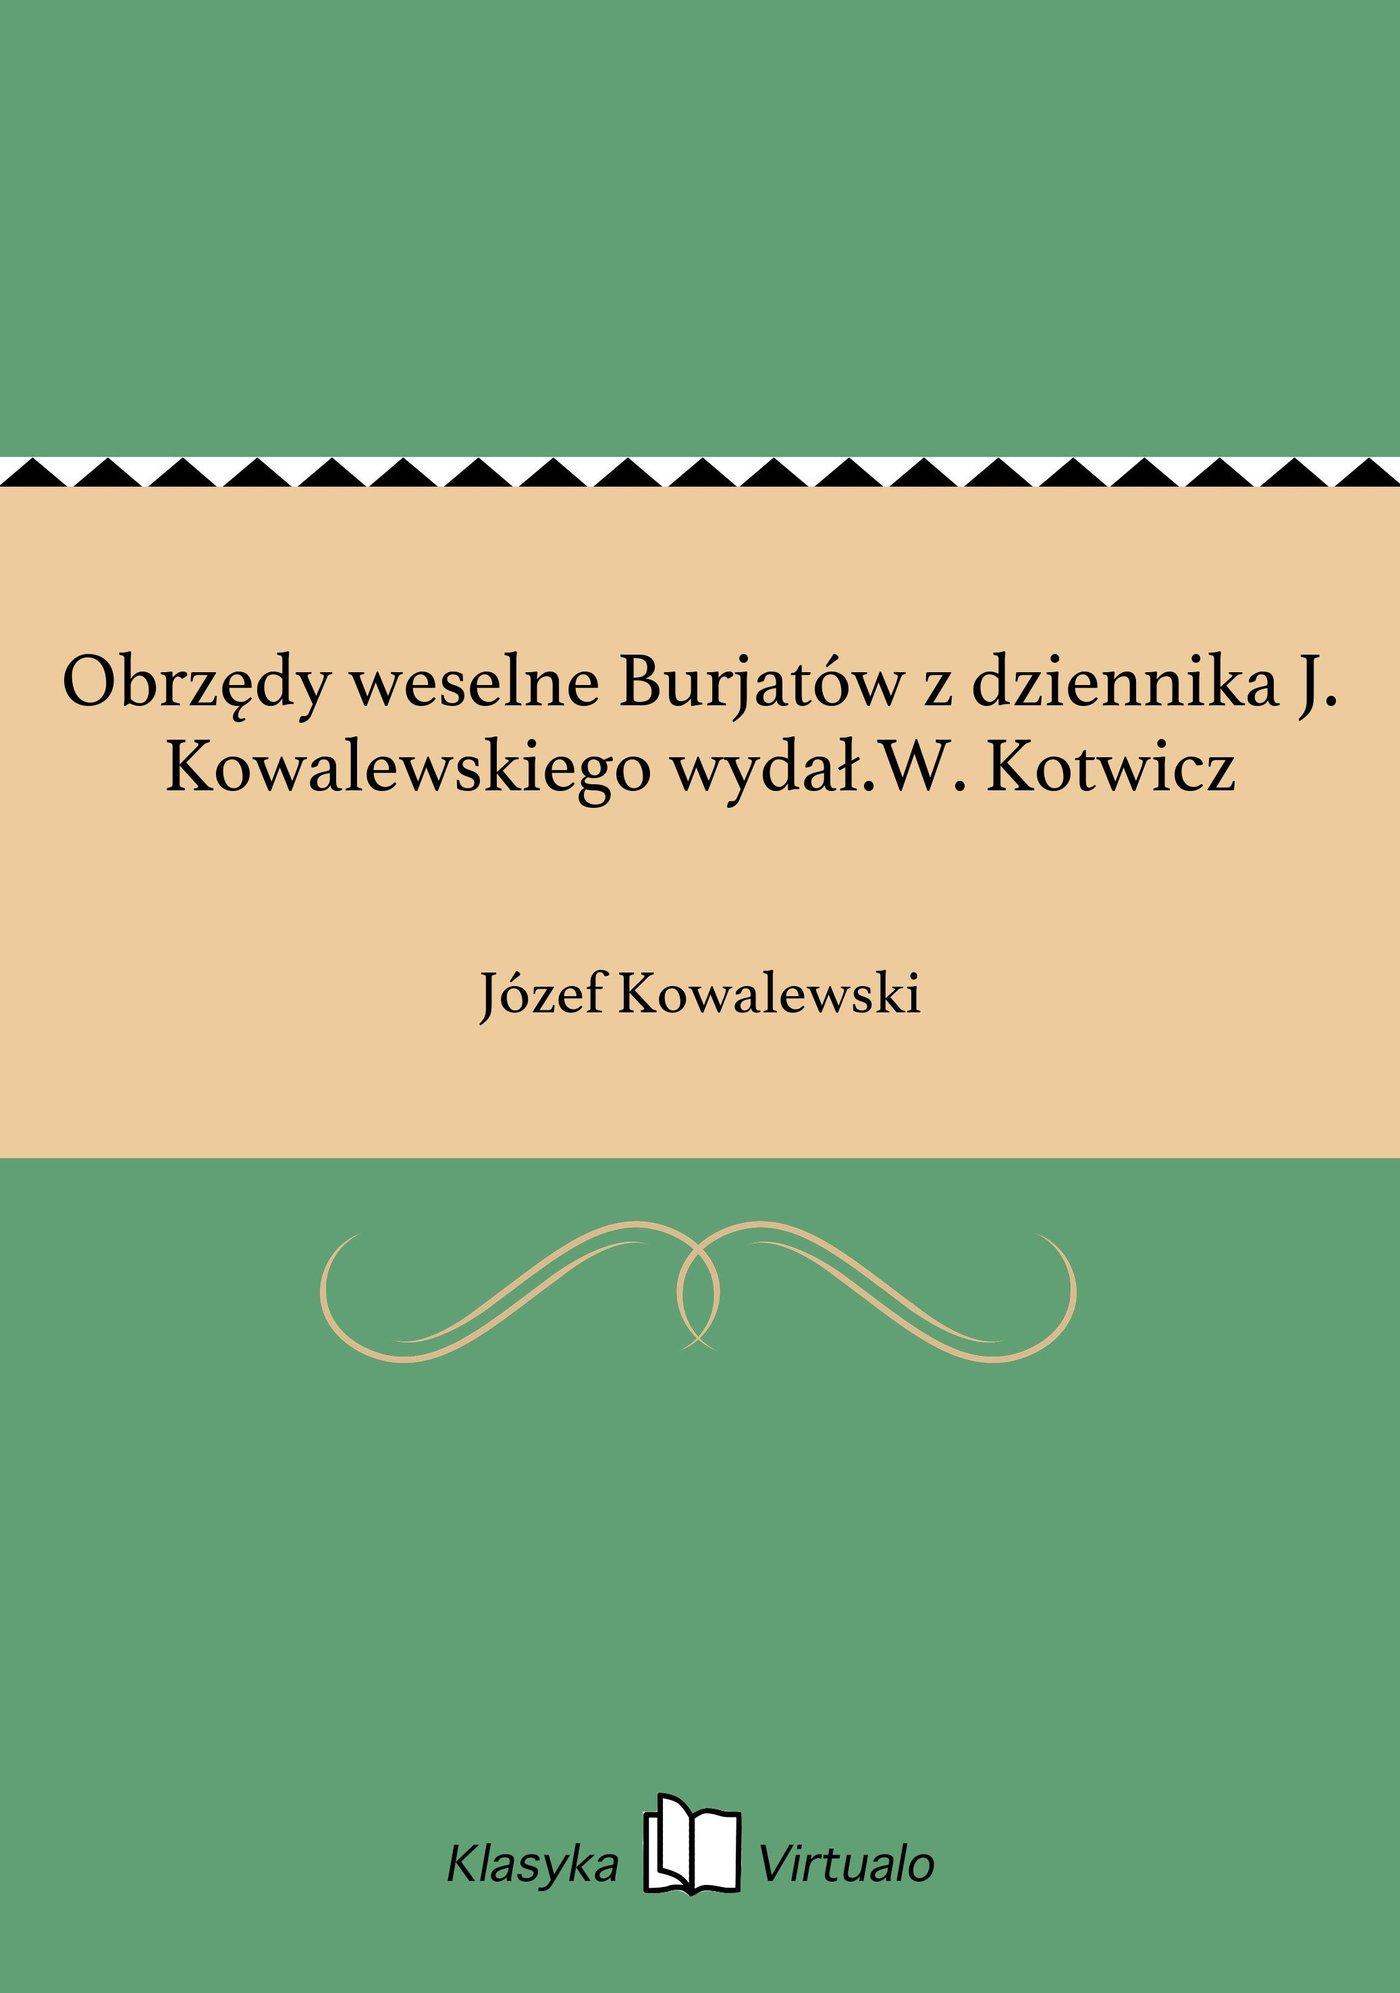 Obrzędy weselne Burjatów z dziennika J. Kowalewskiego wydał.W. Kotwicz - Ebook (Książka EPUB) do pobrania w formacie EPUB